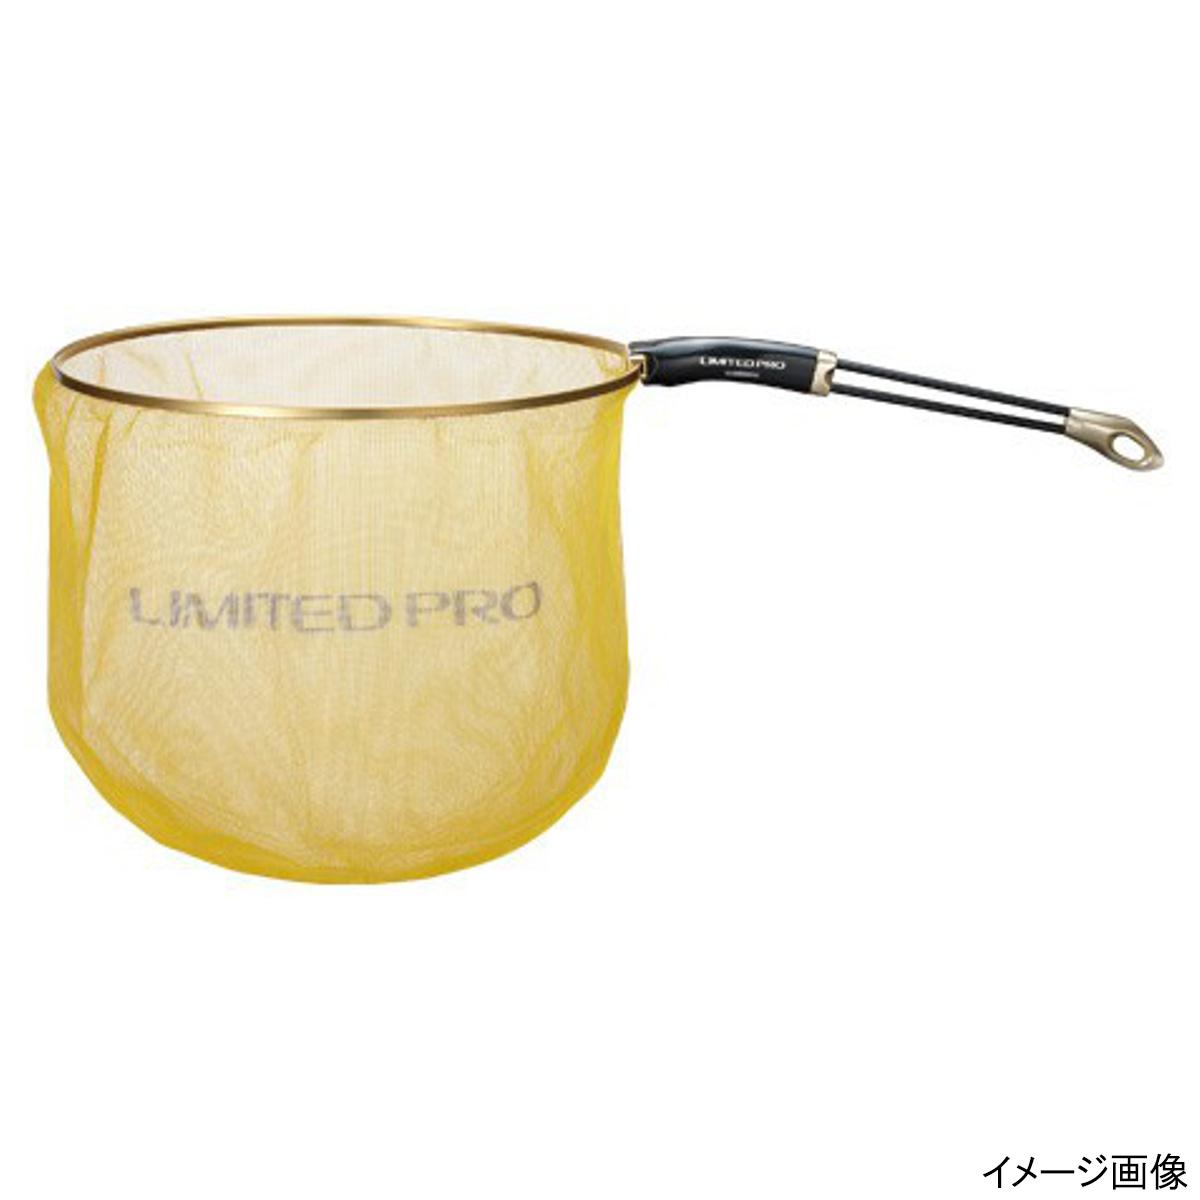 シマノ 鮎ダモ LIMITED PRO TM-321P 39cm イエロー